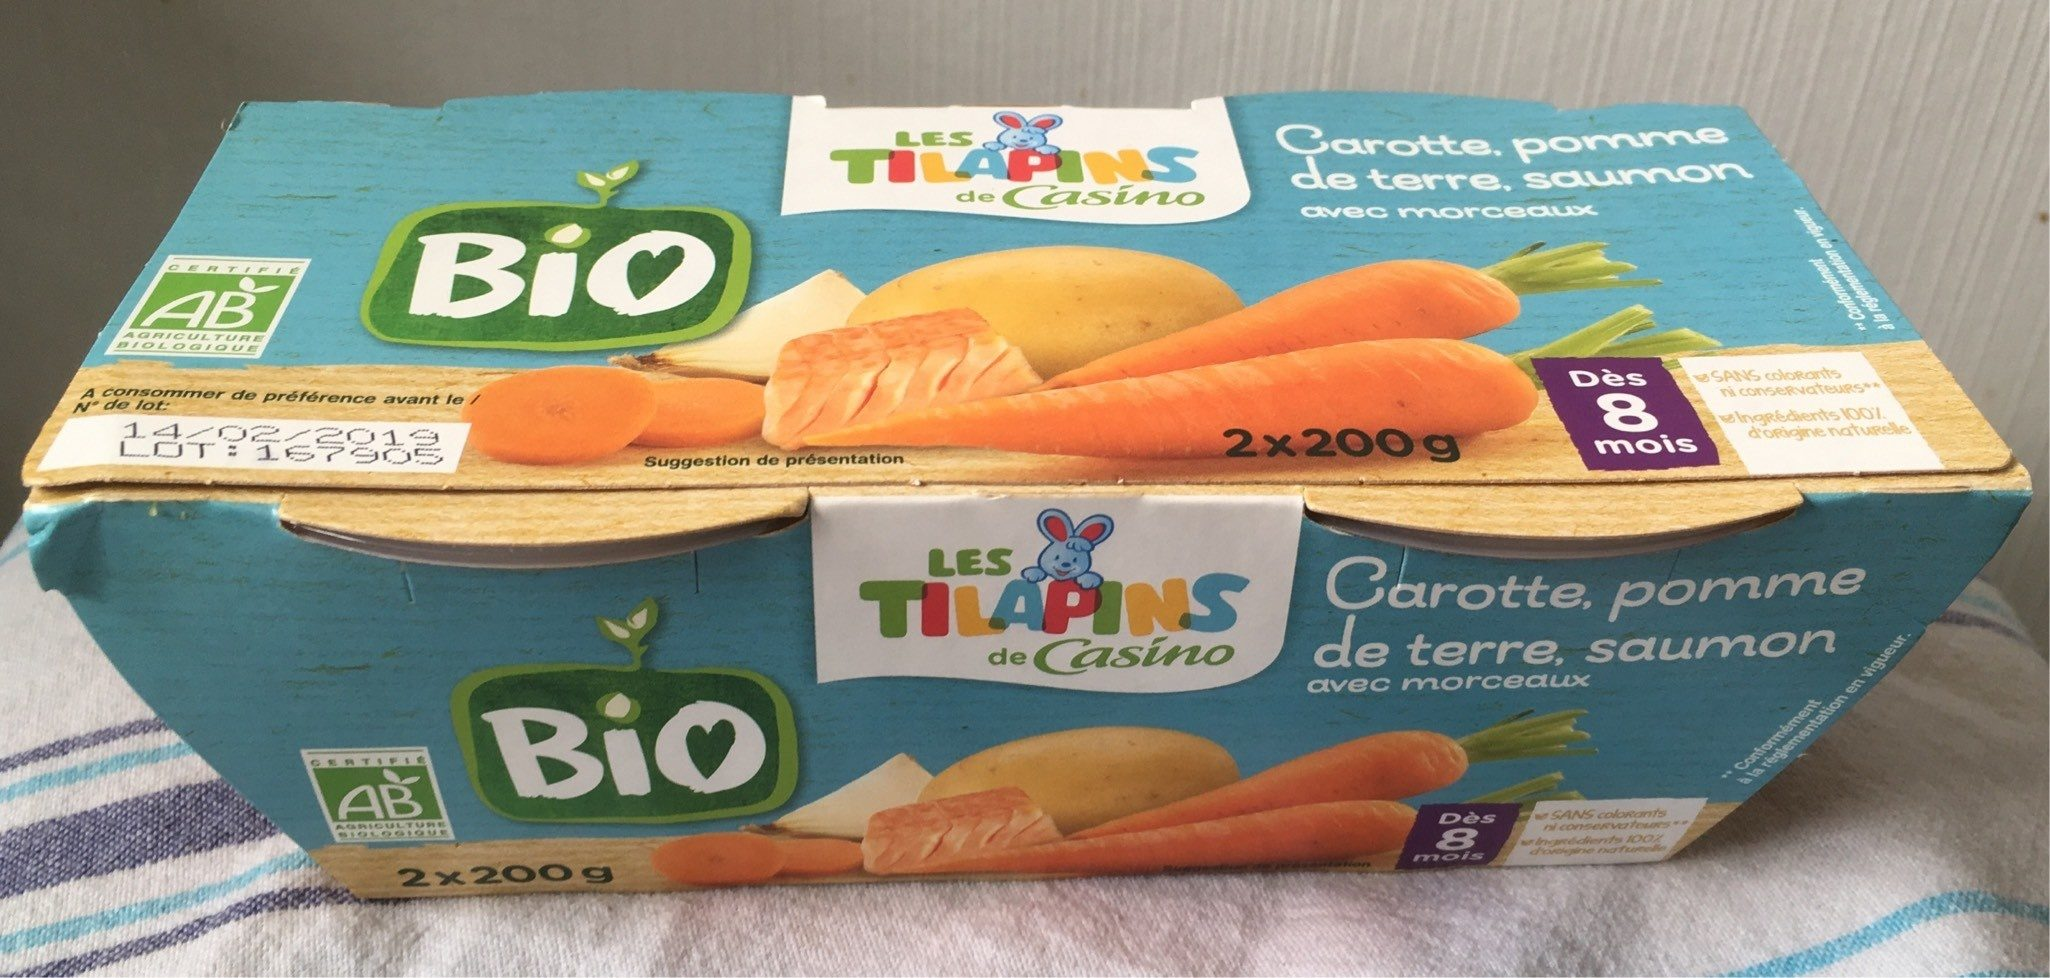 Carottes Pommes de terre Saumon avec morceaux - Dès 8 mois BIO - Produit